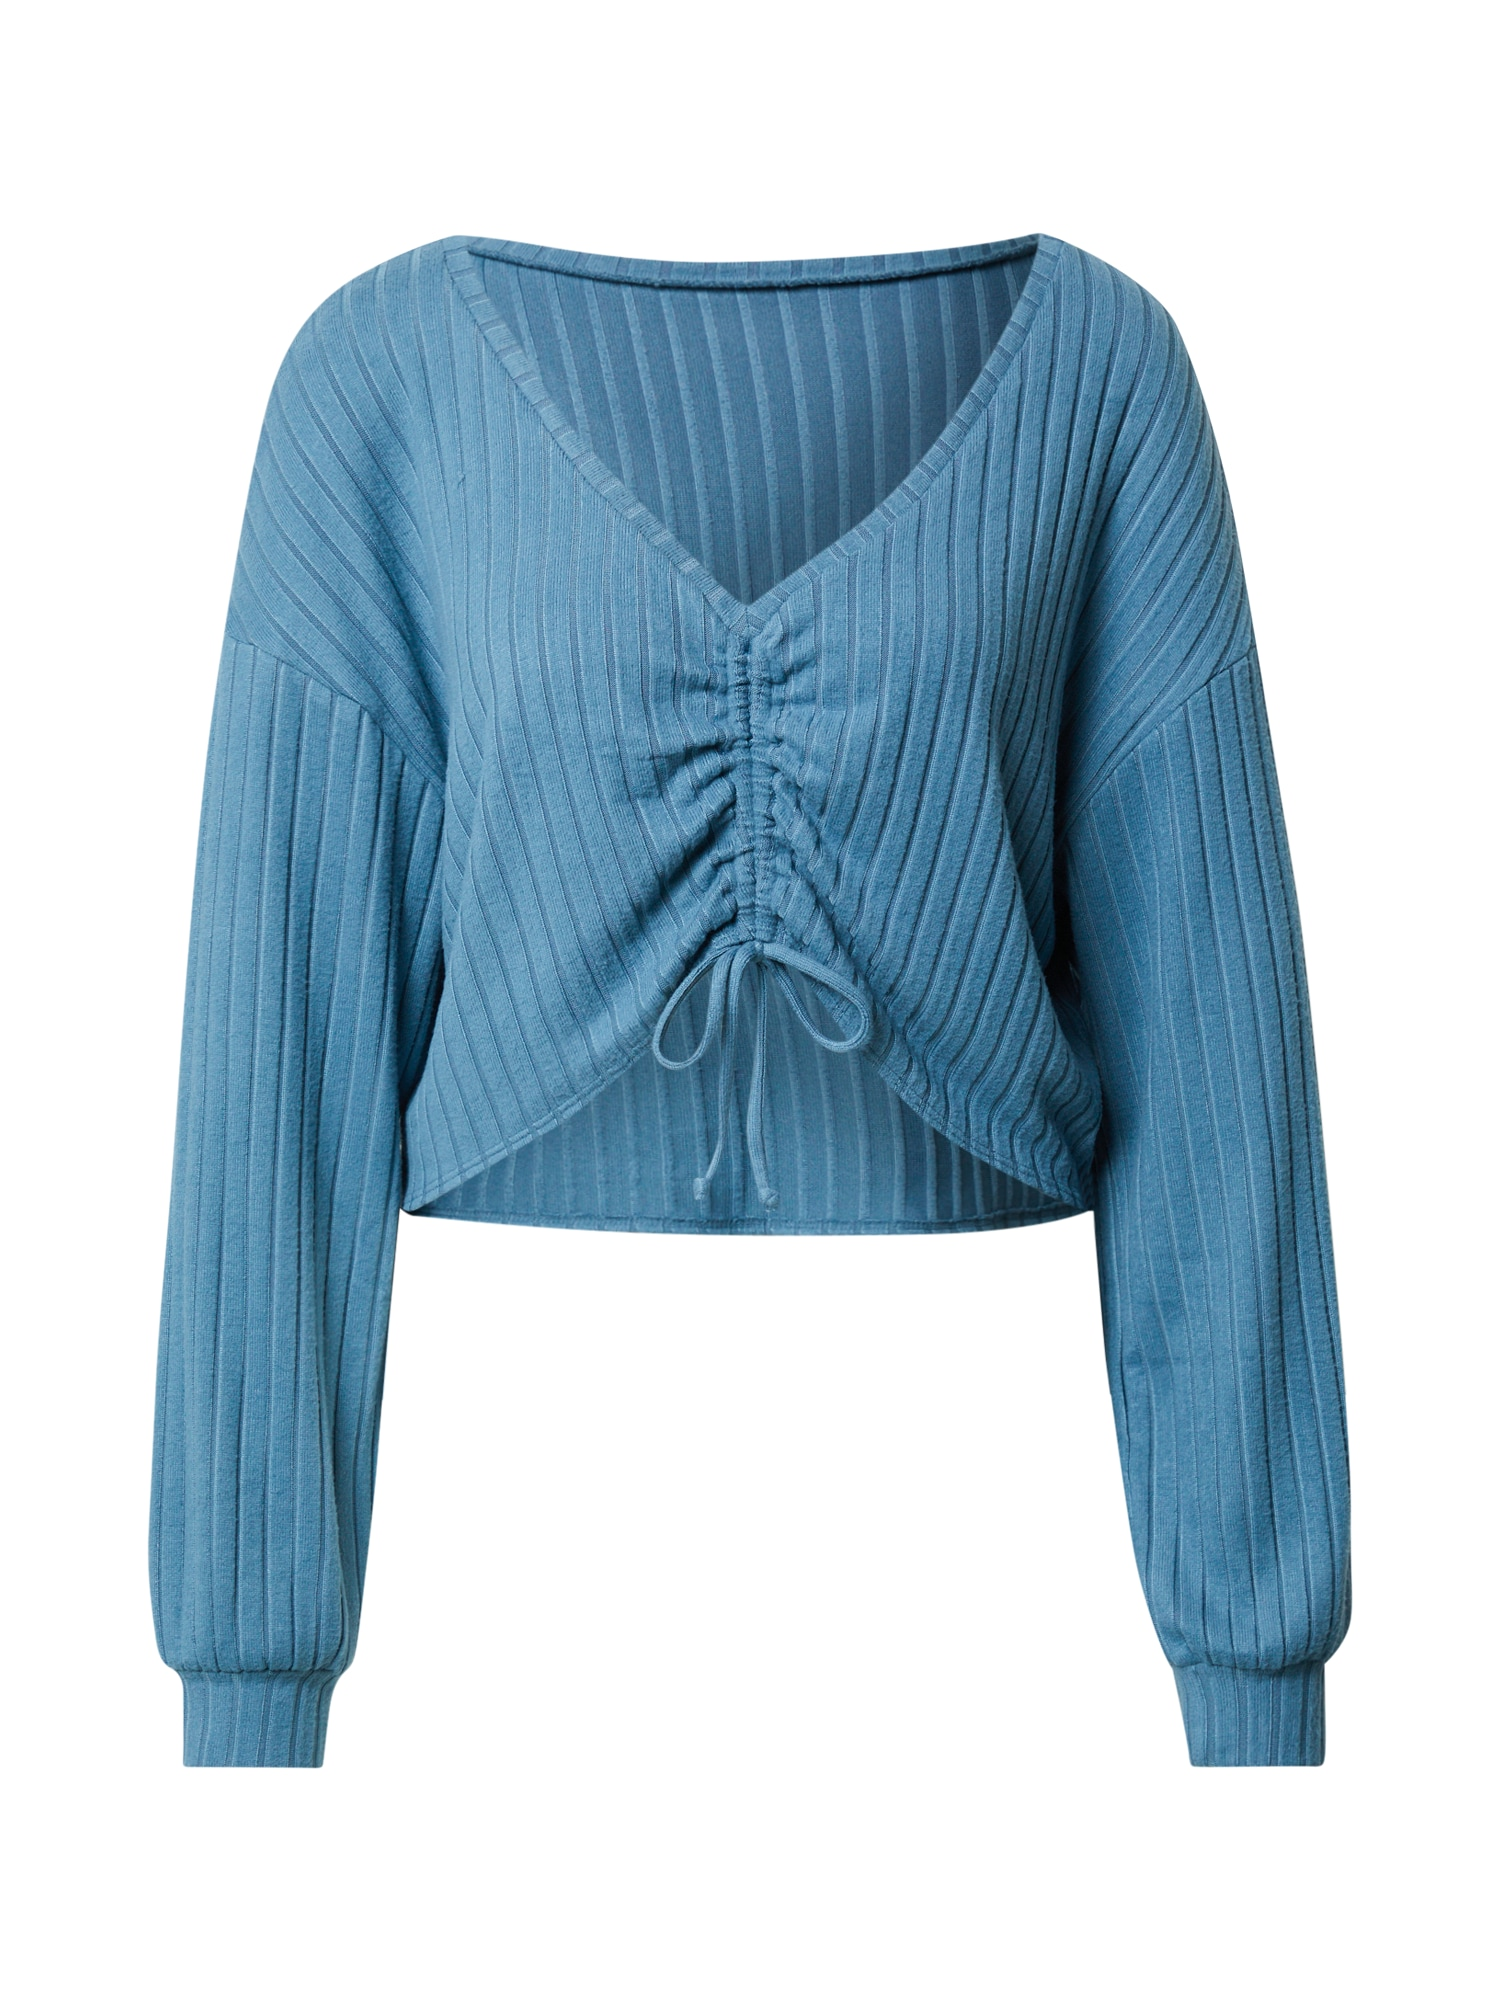 Gilly Hicks Pižaminiai marškinėliai tamsiai mėlyna